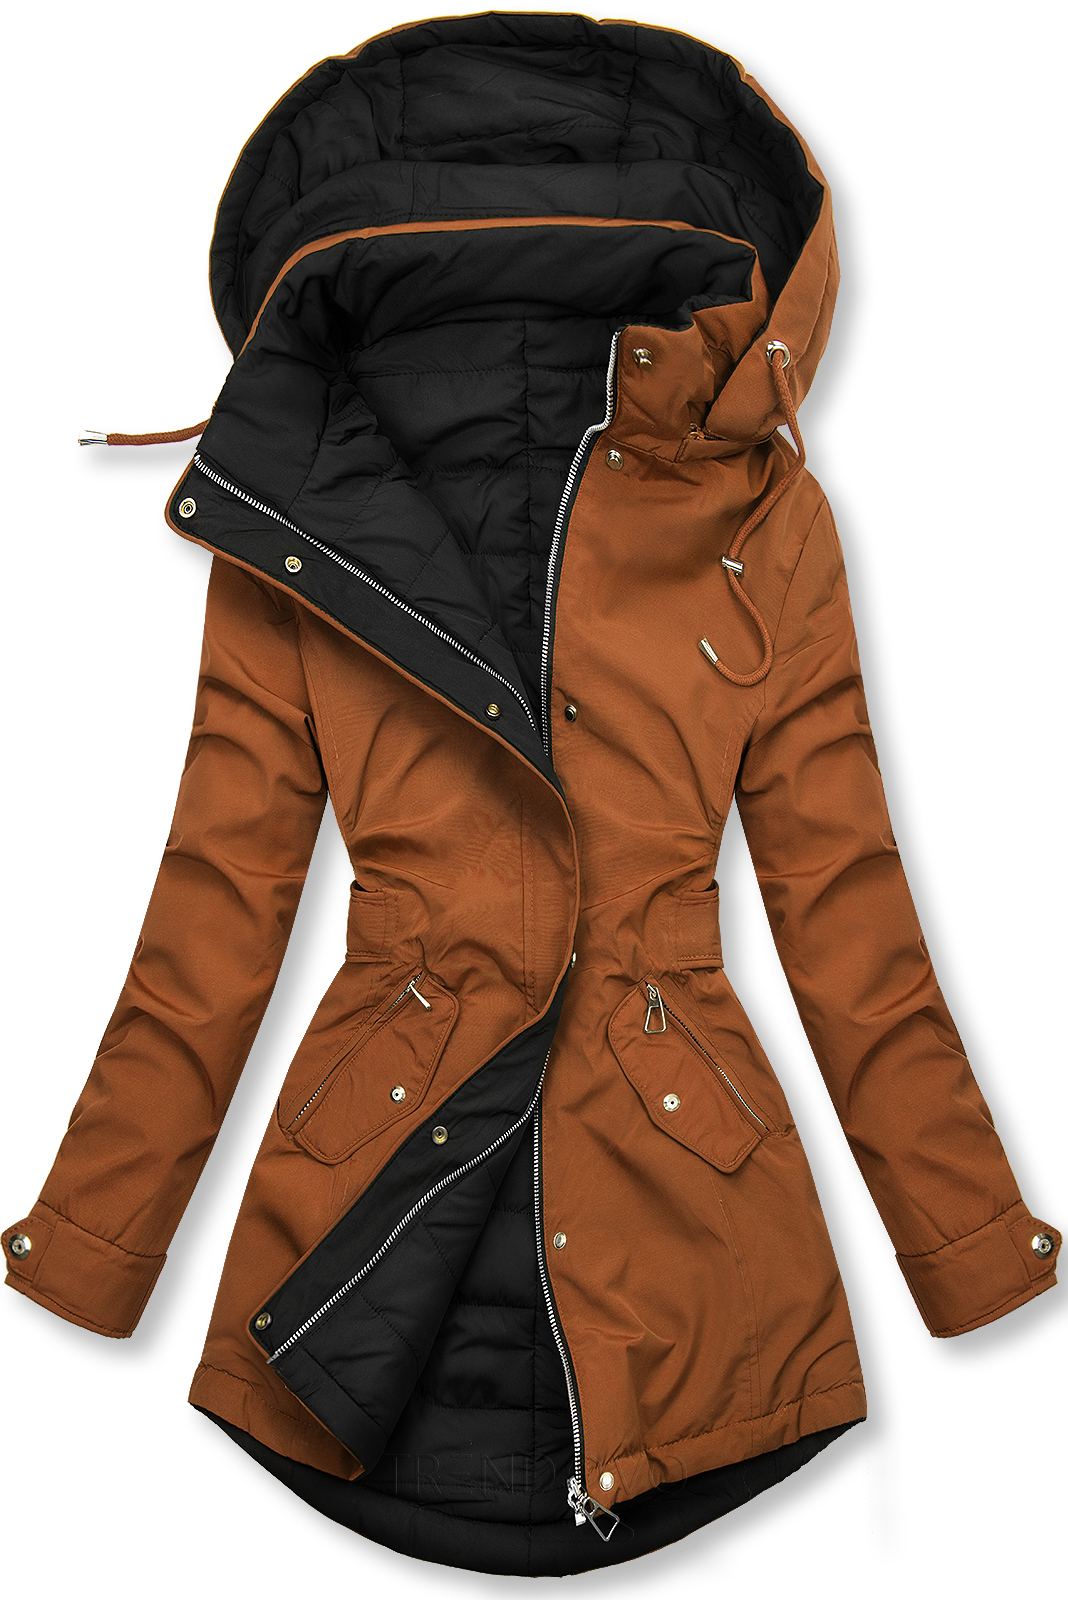 Hnedá/čierna obojstranná jesenná bunda